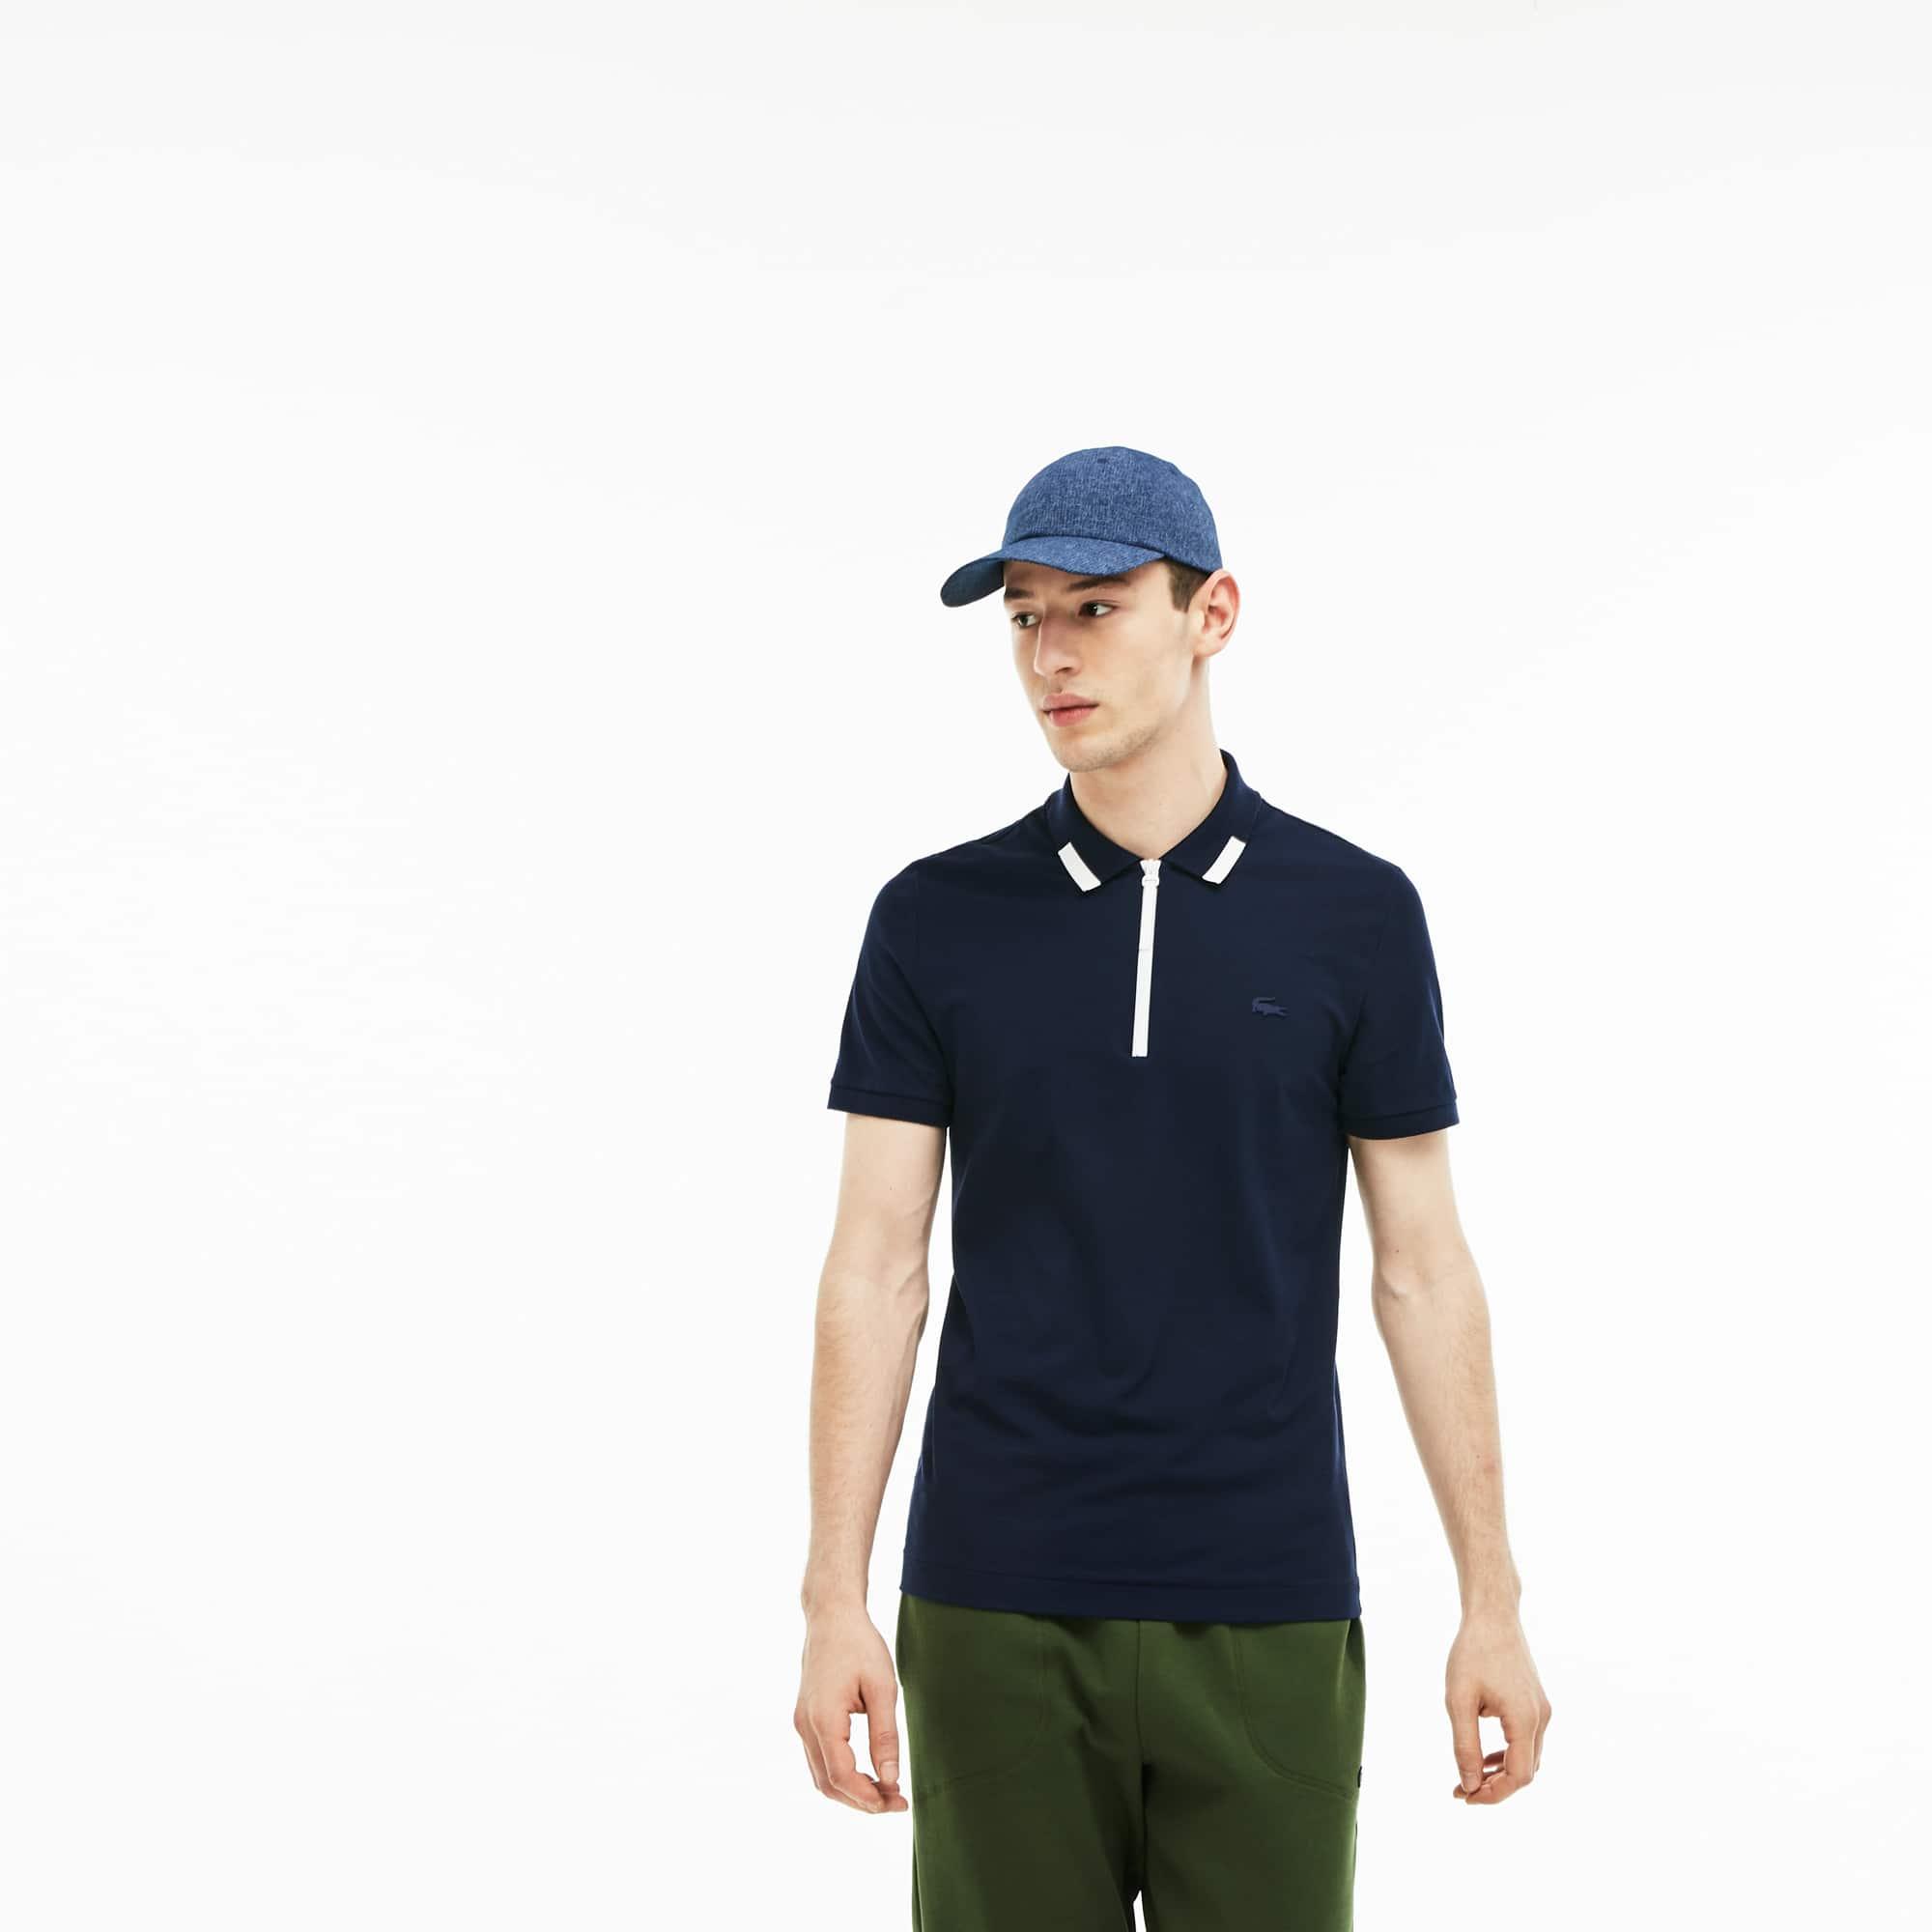 Camisa polo piqué de algodão com gola de zip slim fit Lacoste Motion para  homem 0c35a391fd